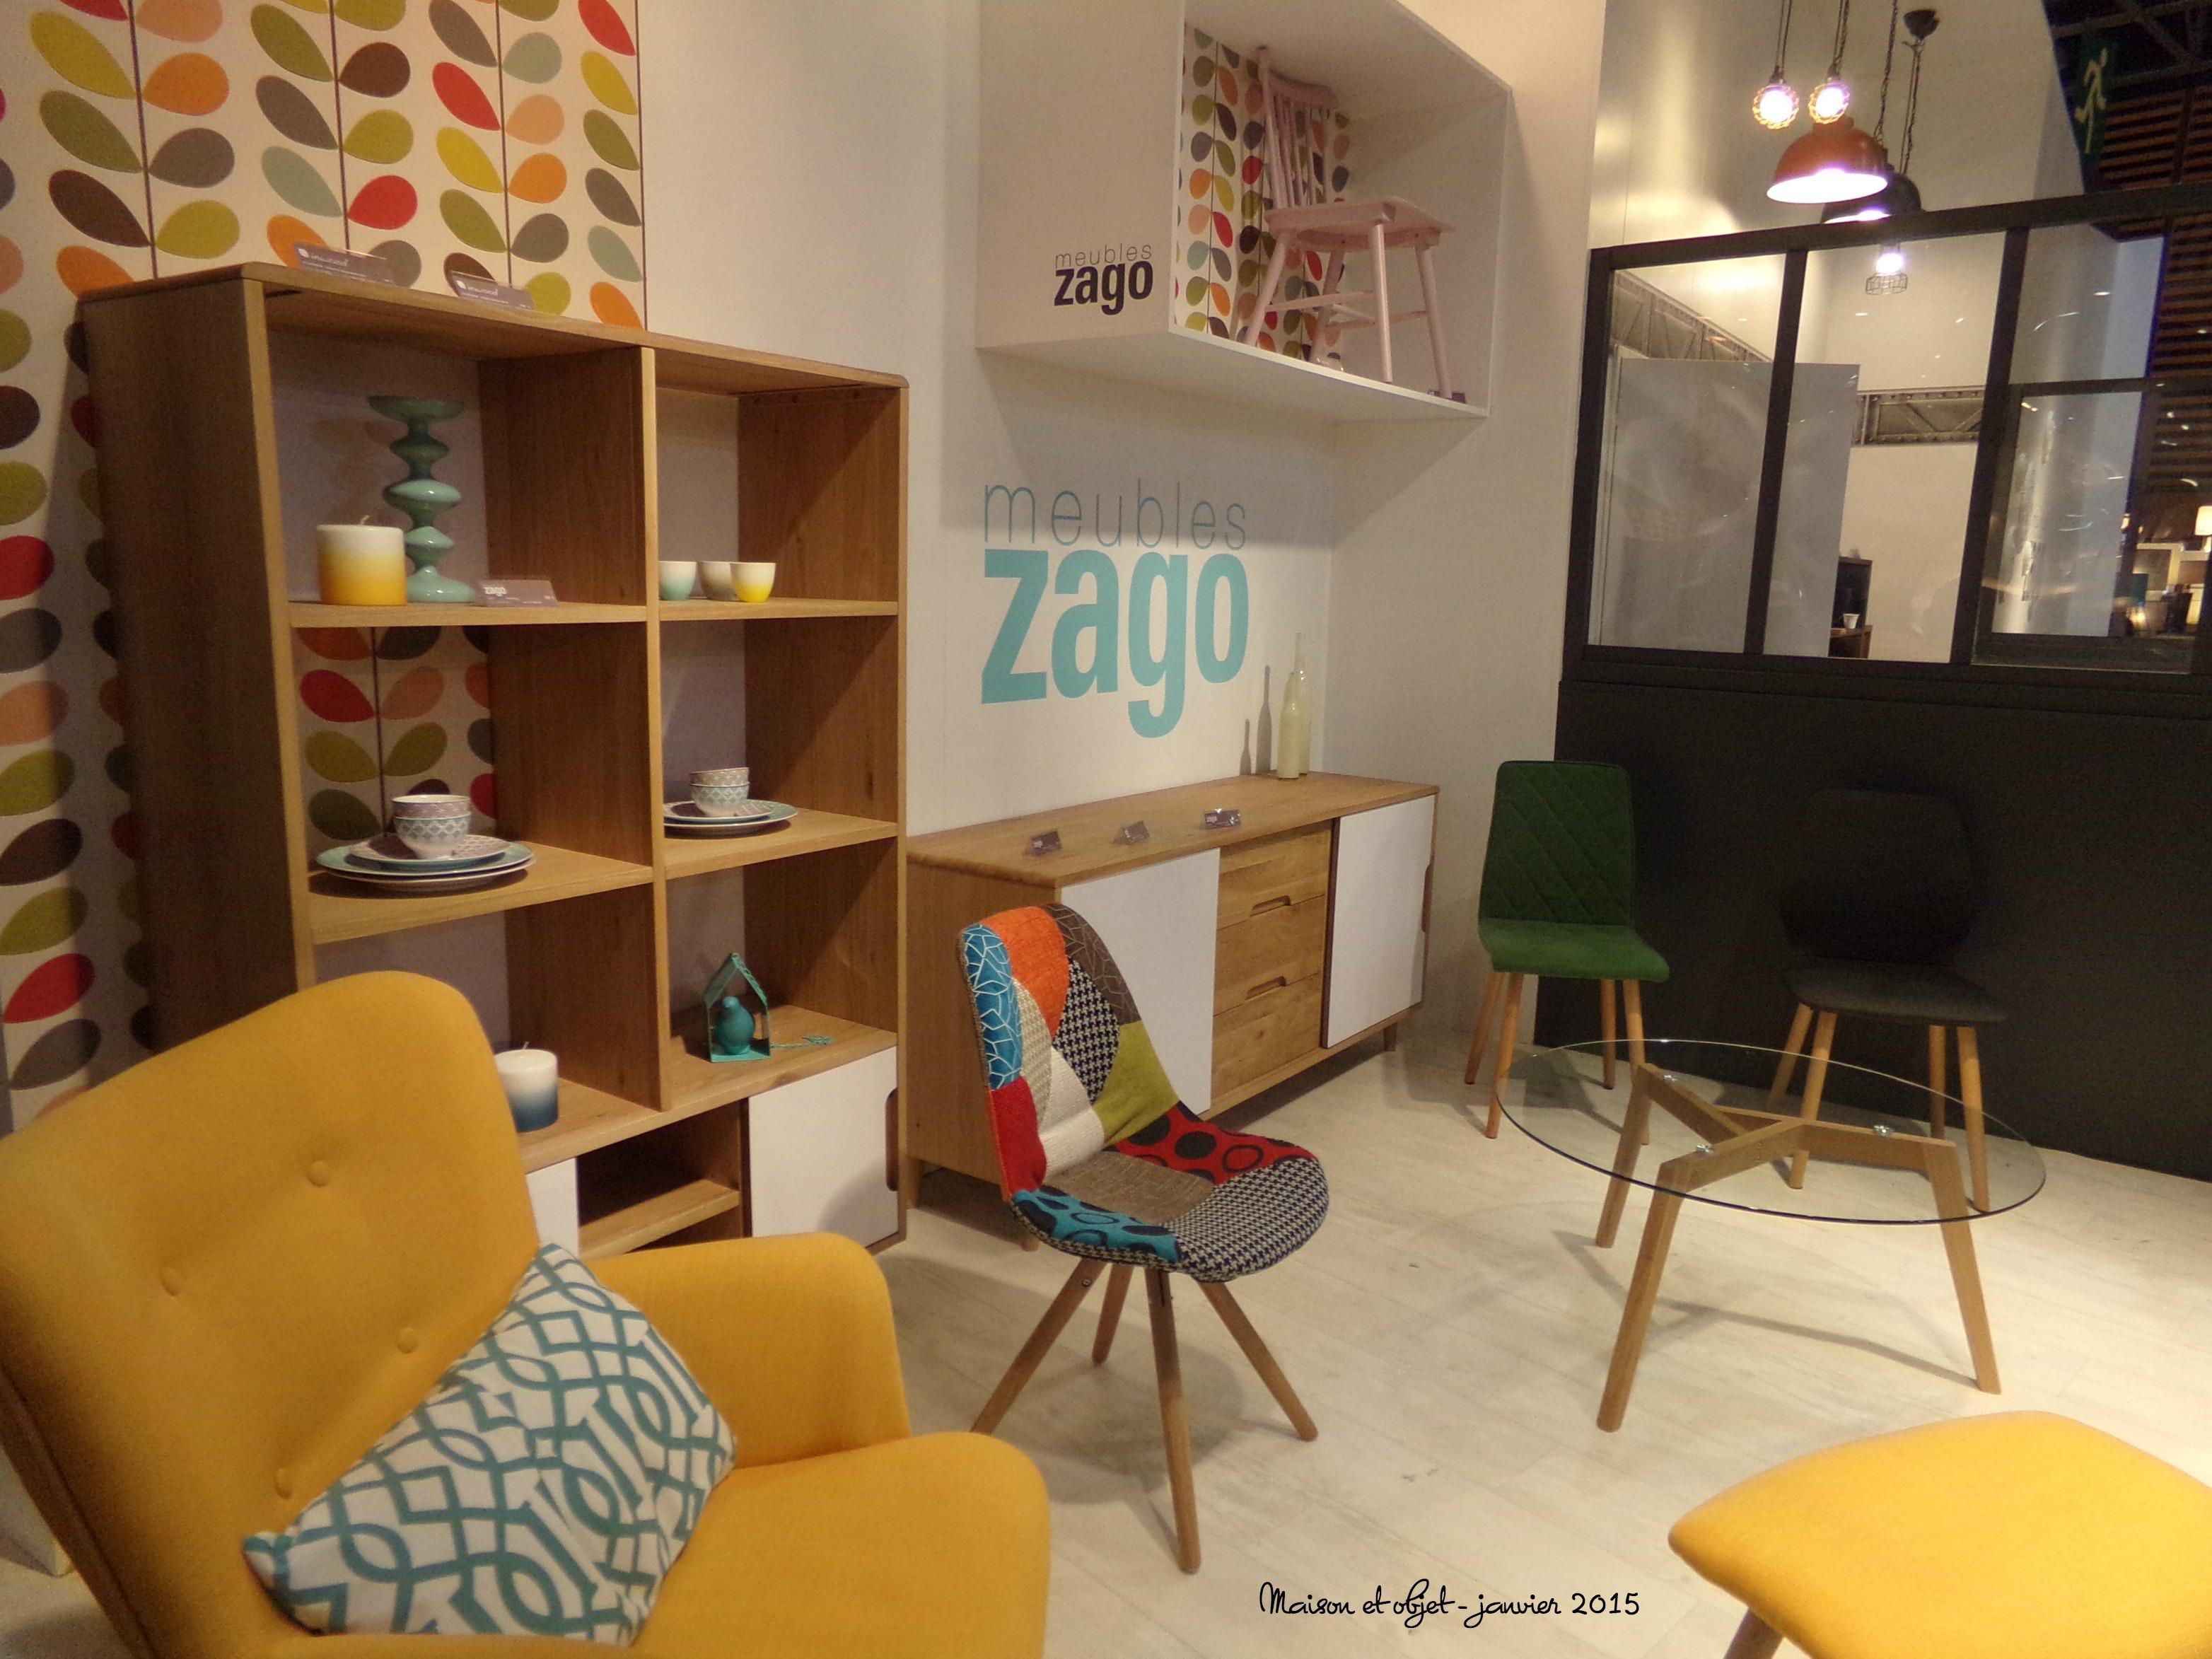 Interieur et objet objet interieur maison maison moderne for Objet decoration interieur